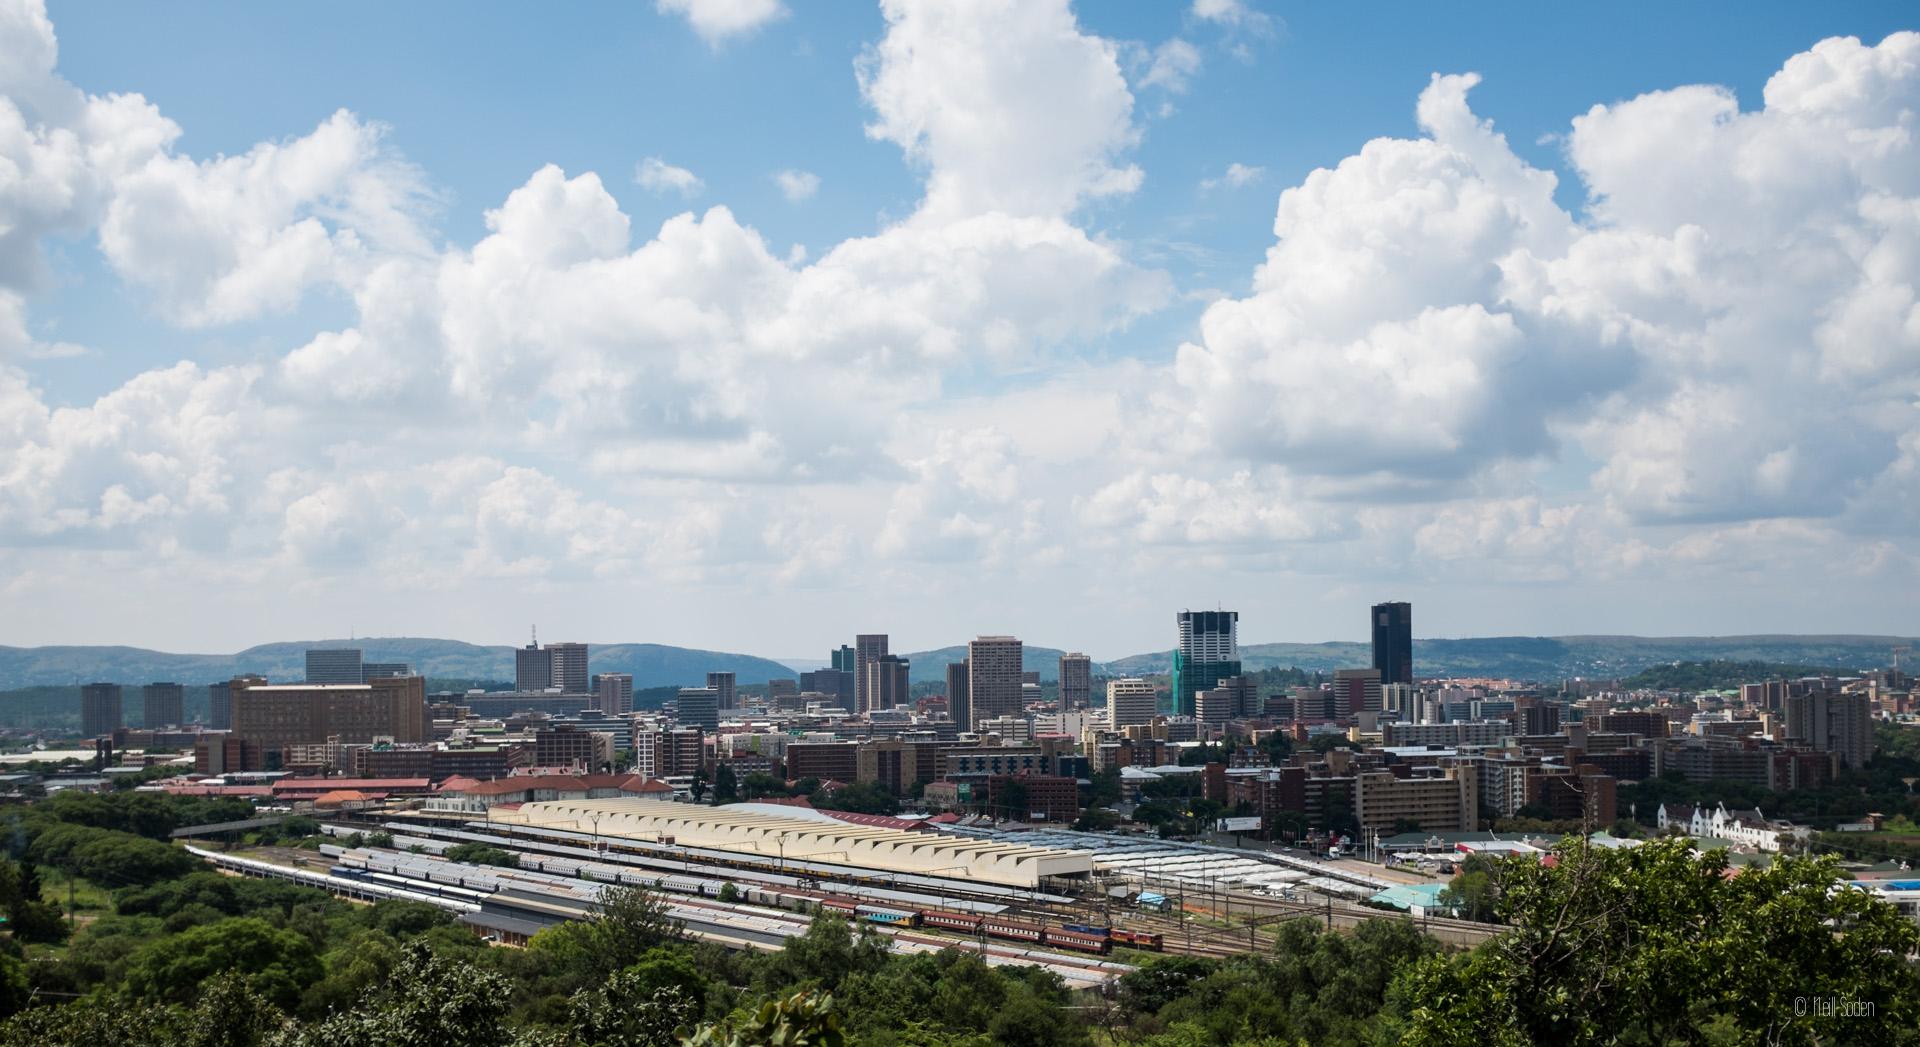 Overlooking Pretoria